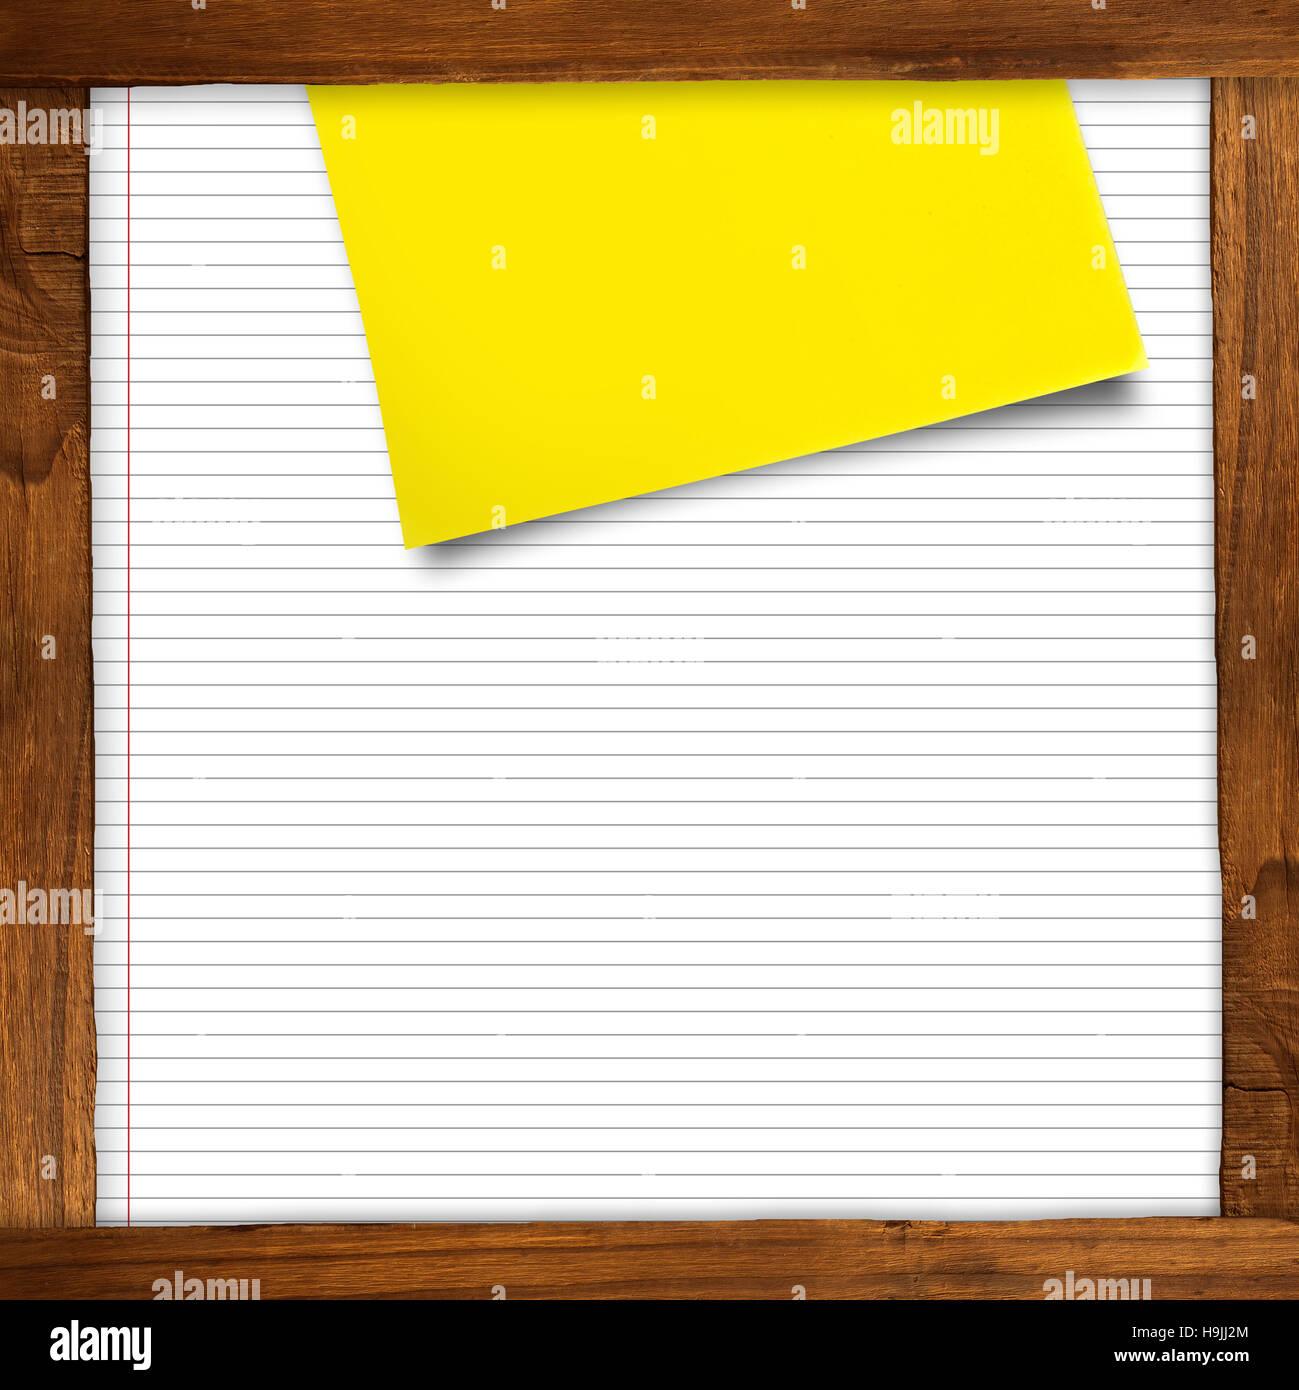 Immagine composita di grigio nota adesiva Immagini Stock